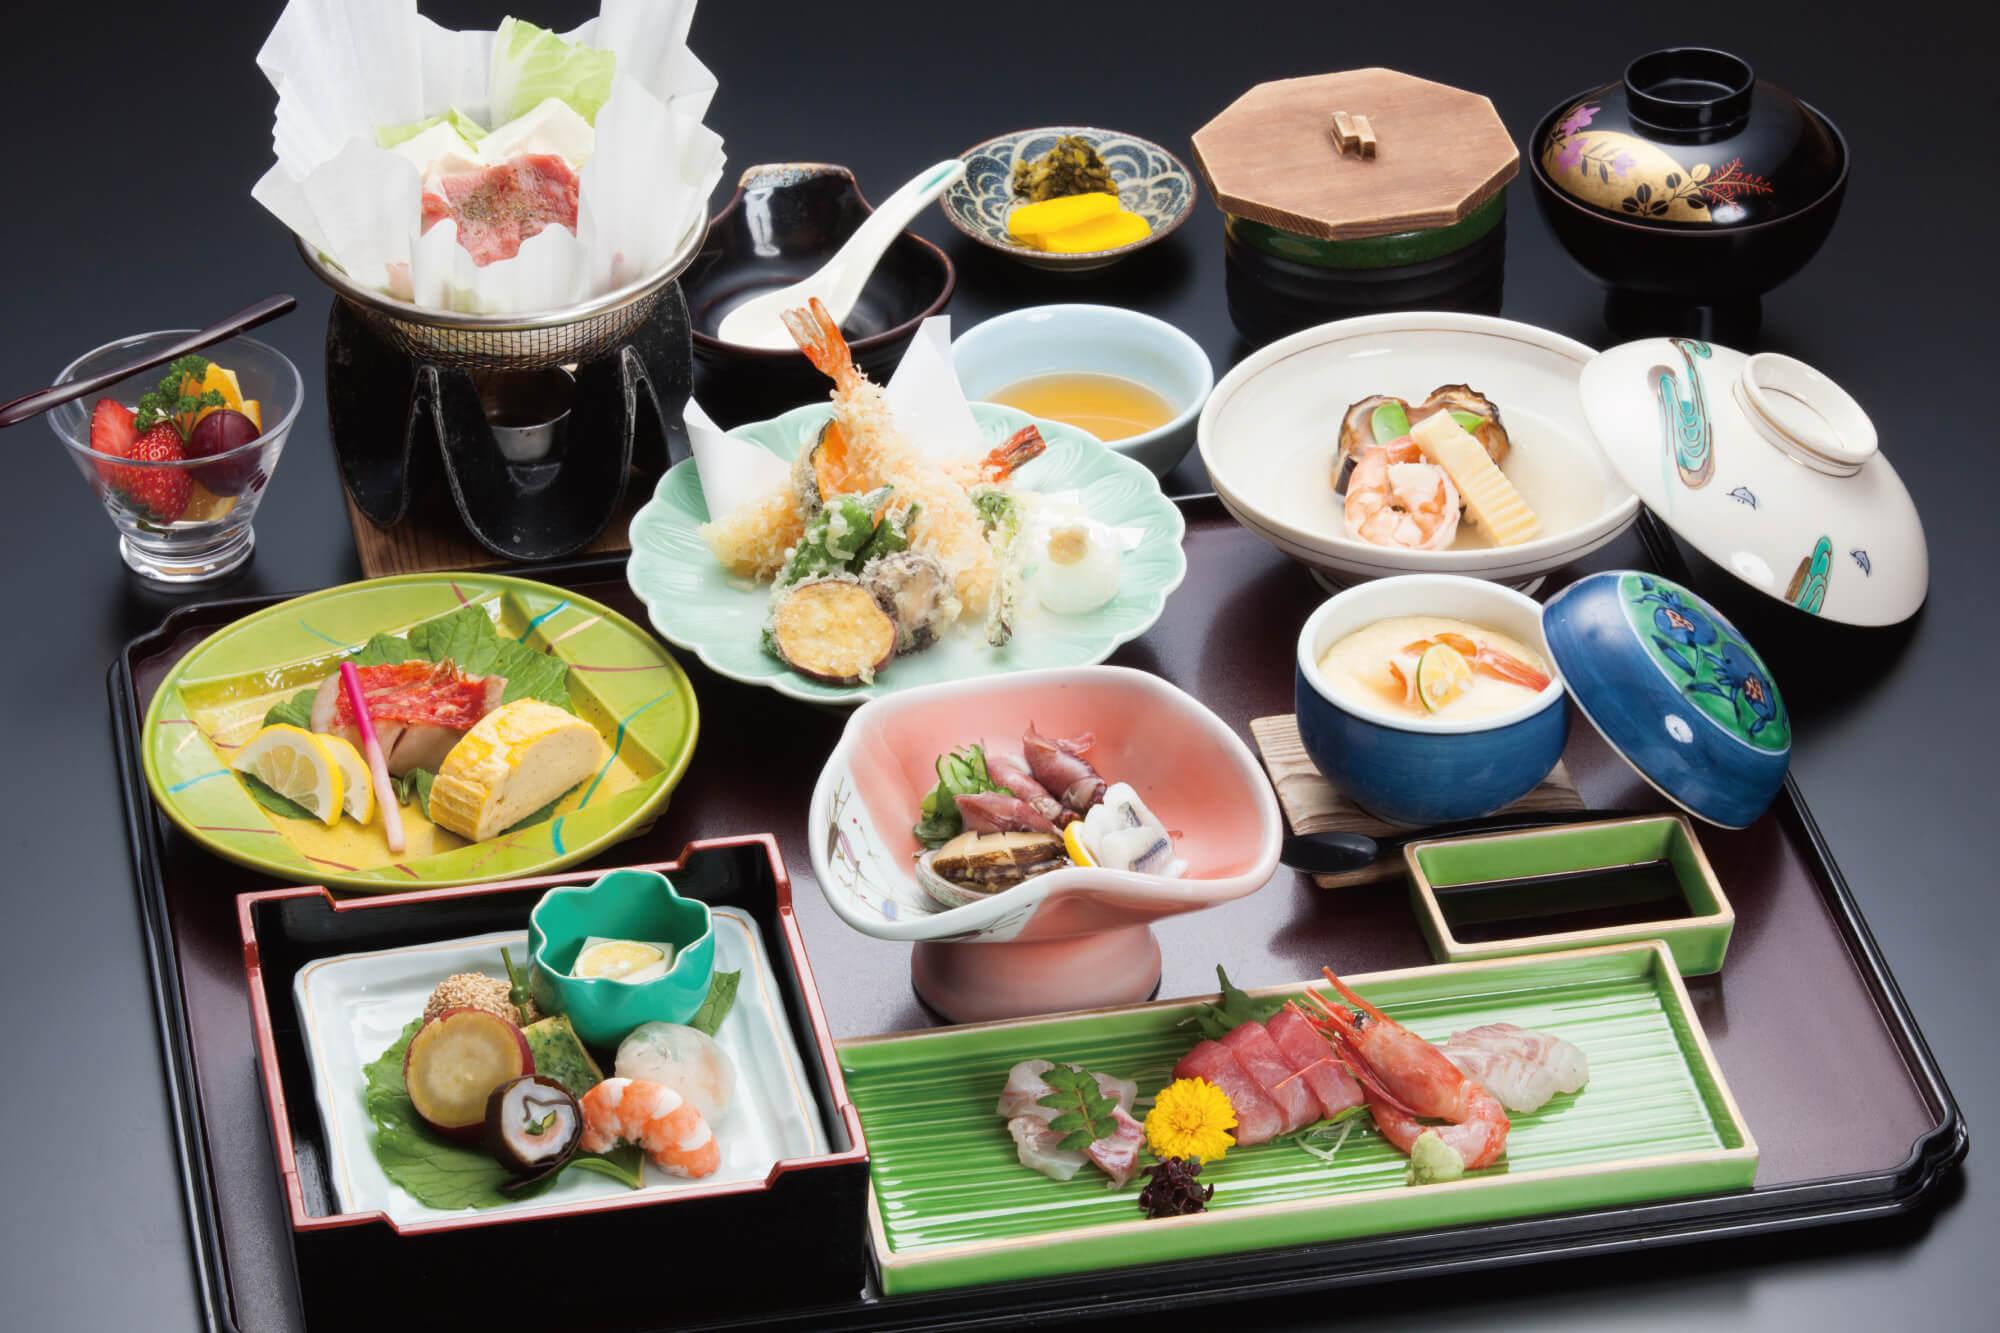 会席料理5,000円